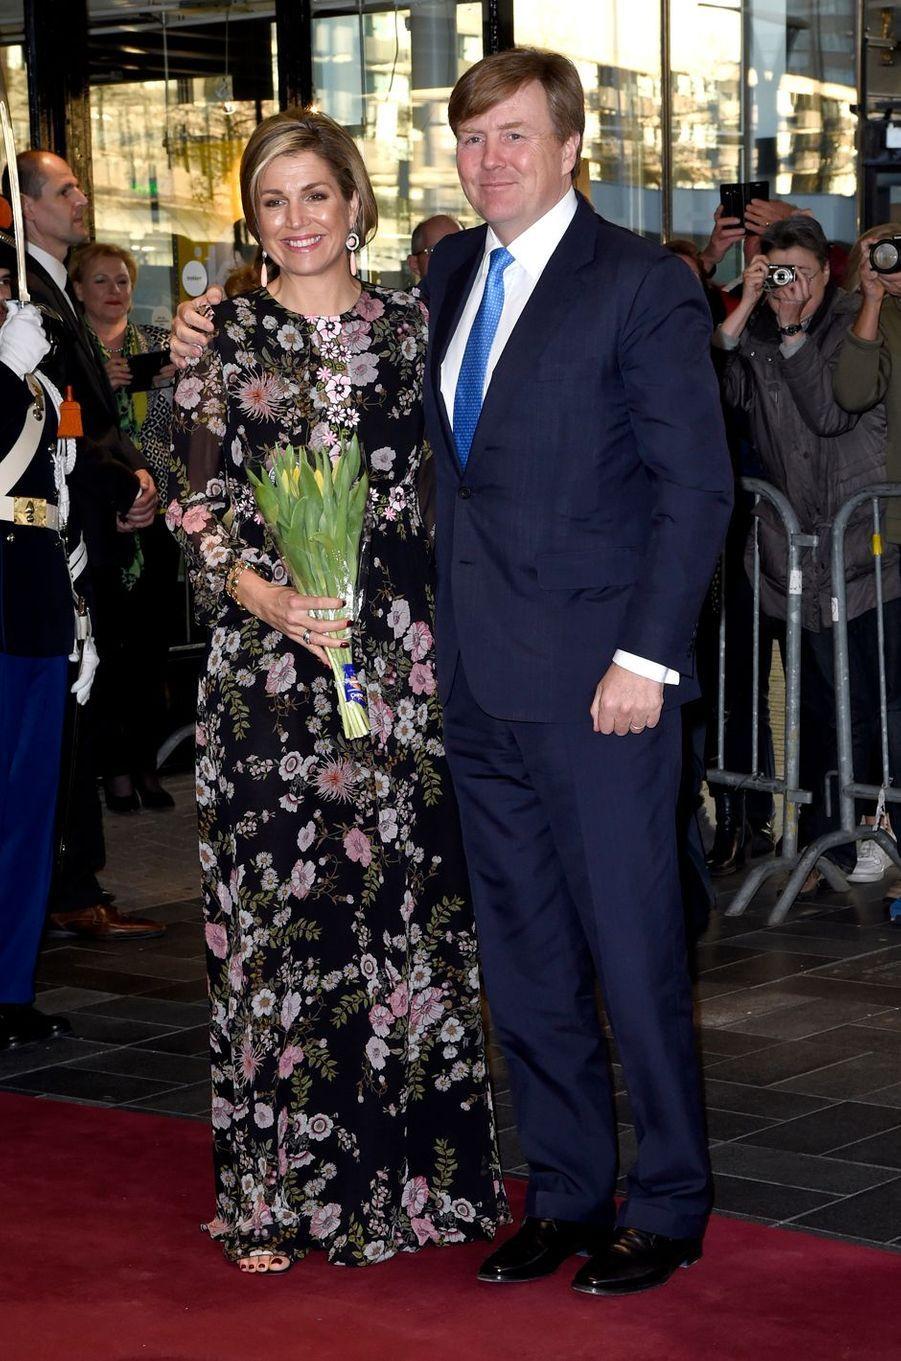 La reine Maxima et le roi Willem-Alexander des Pays-Bas à Tilburg, le 3 avril 2017